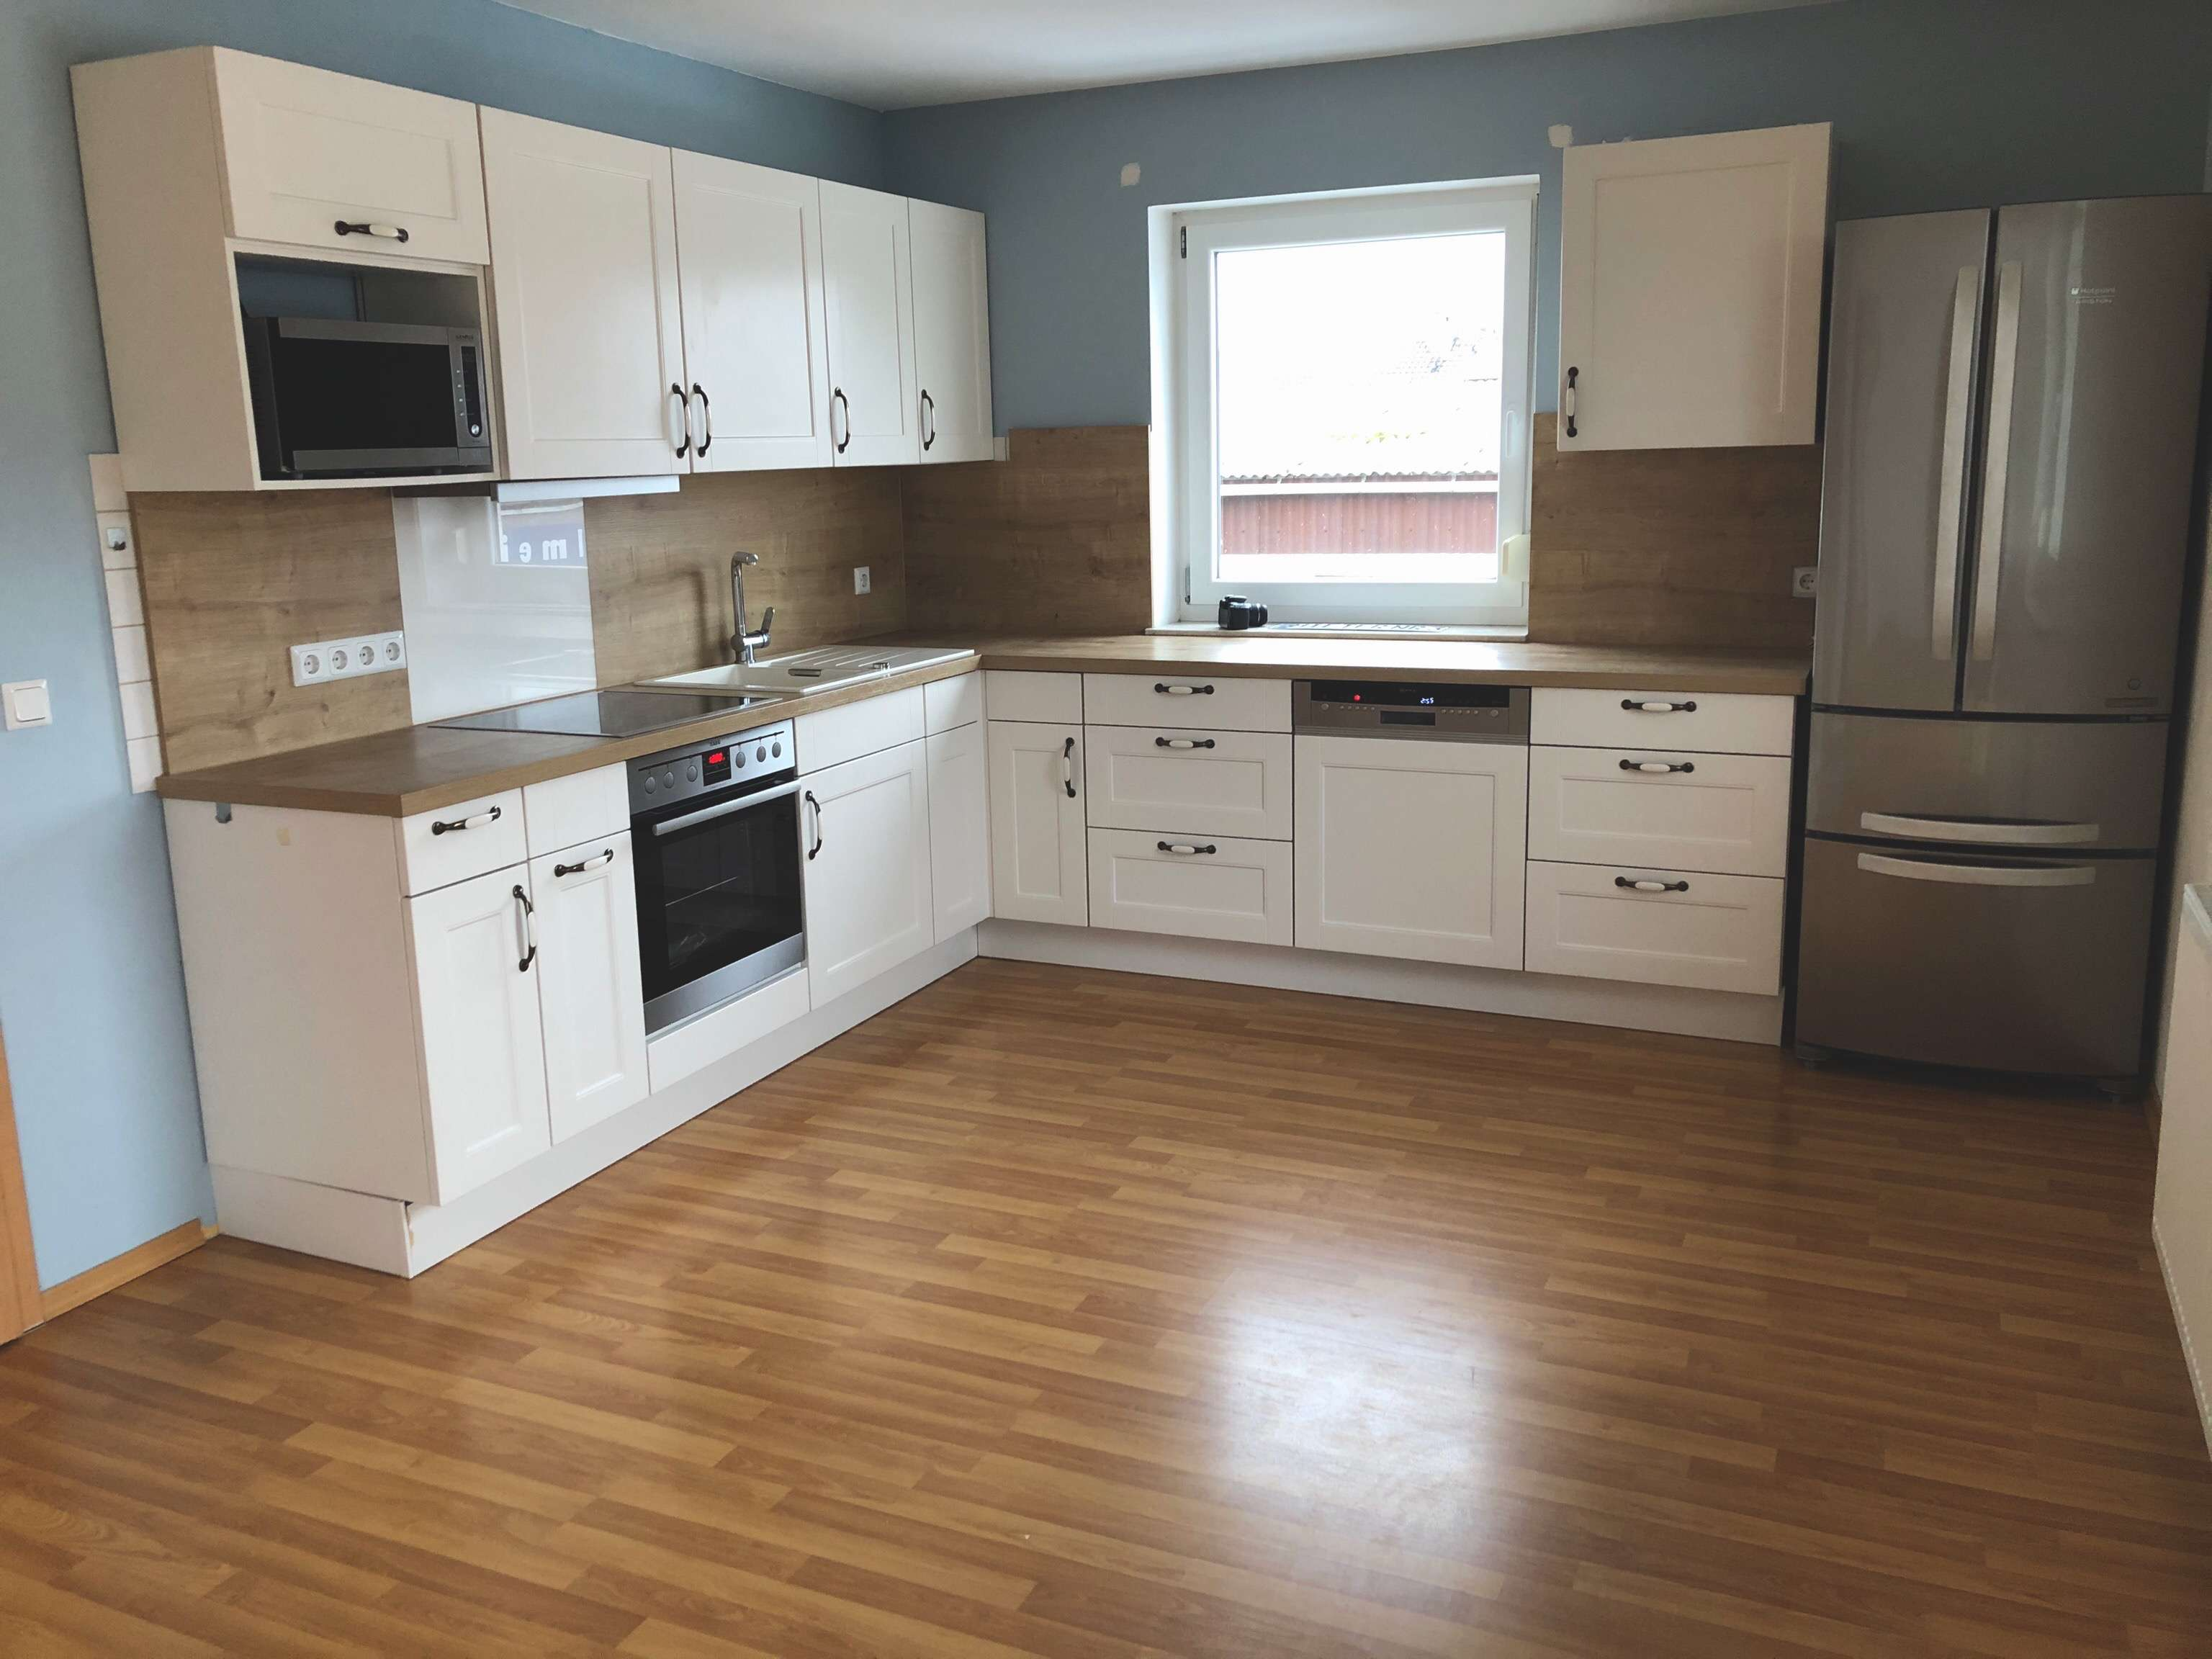 Neuwertige 3-Zimmer-Wohnung mit Balkon und Einbauküche in Straßkirchen in Straßkirchen